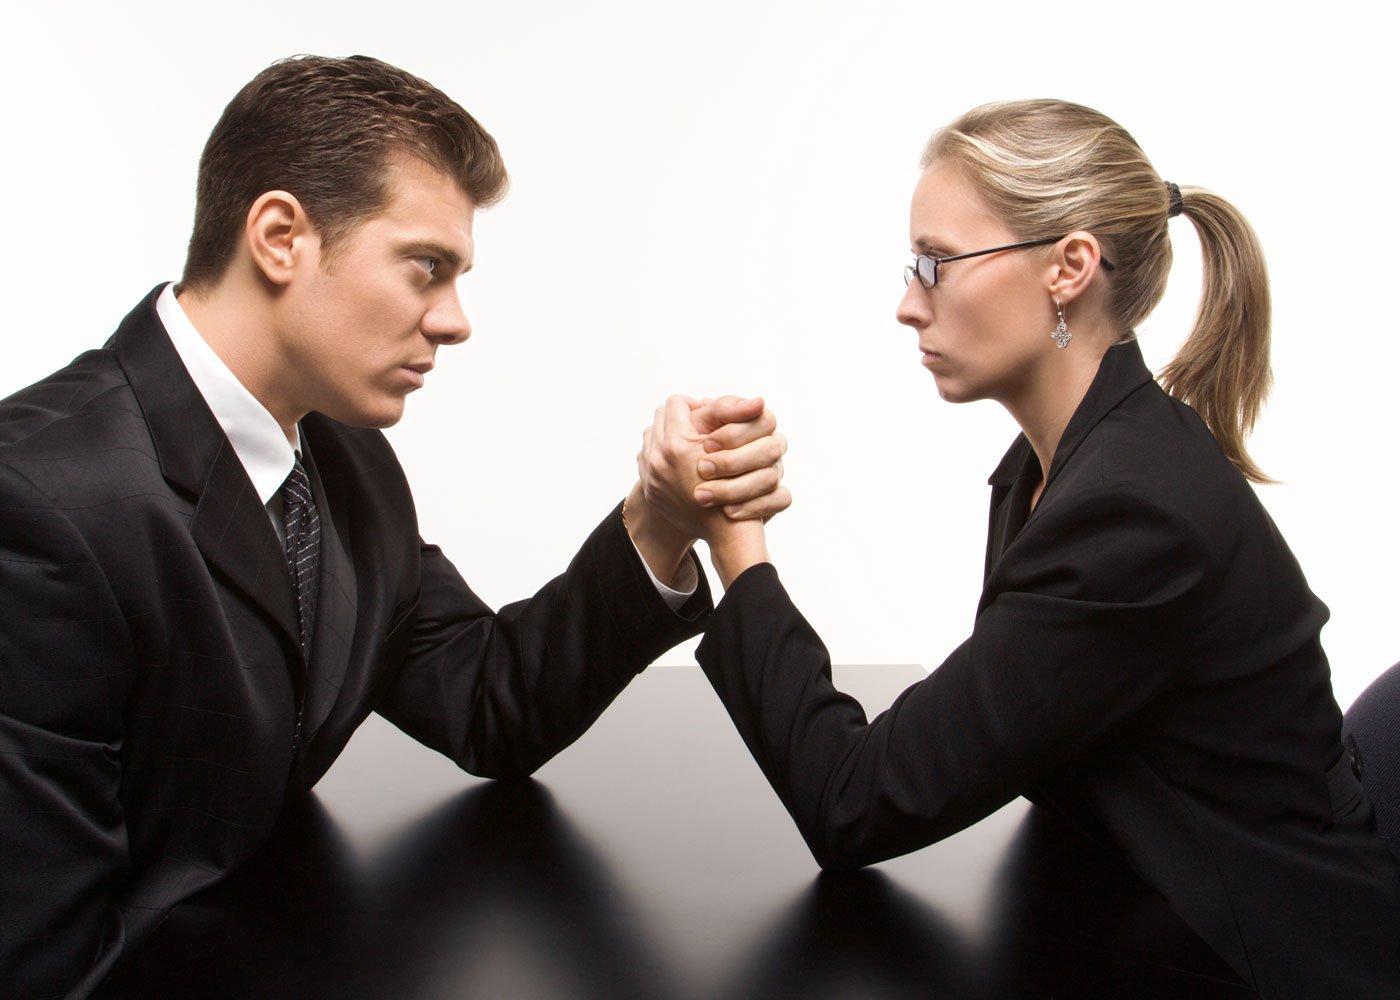 Соперничество, конфронтация и конкуренция – популярные стили конфликта